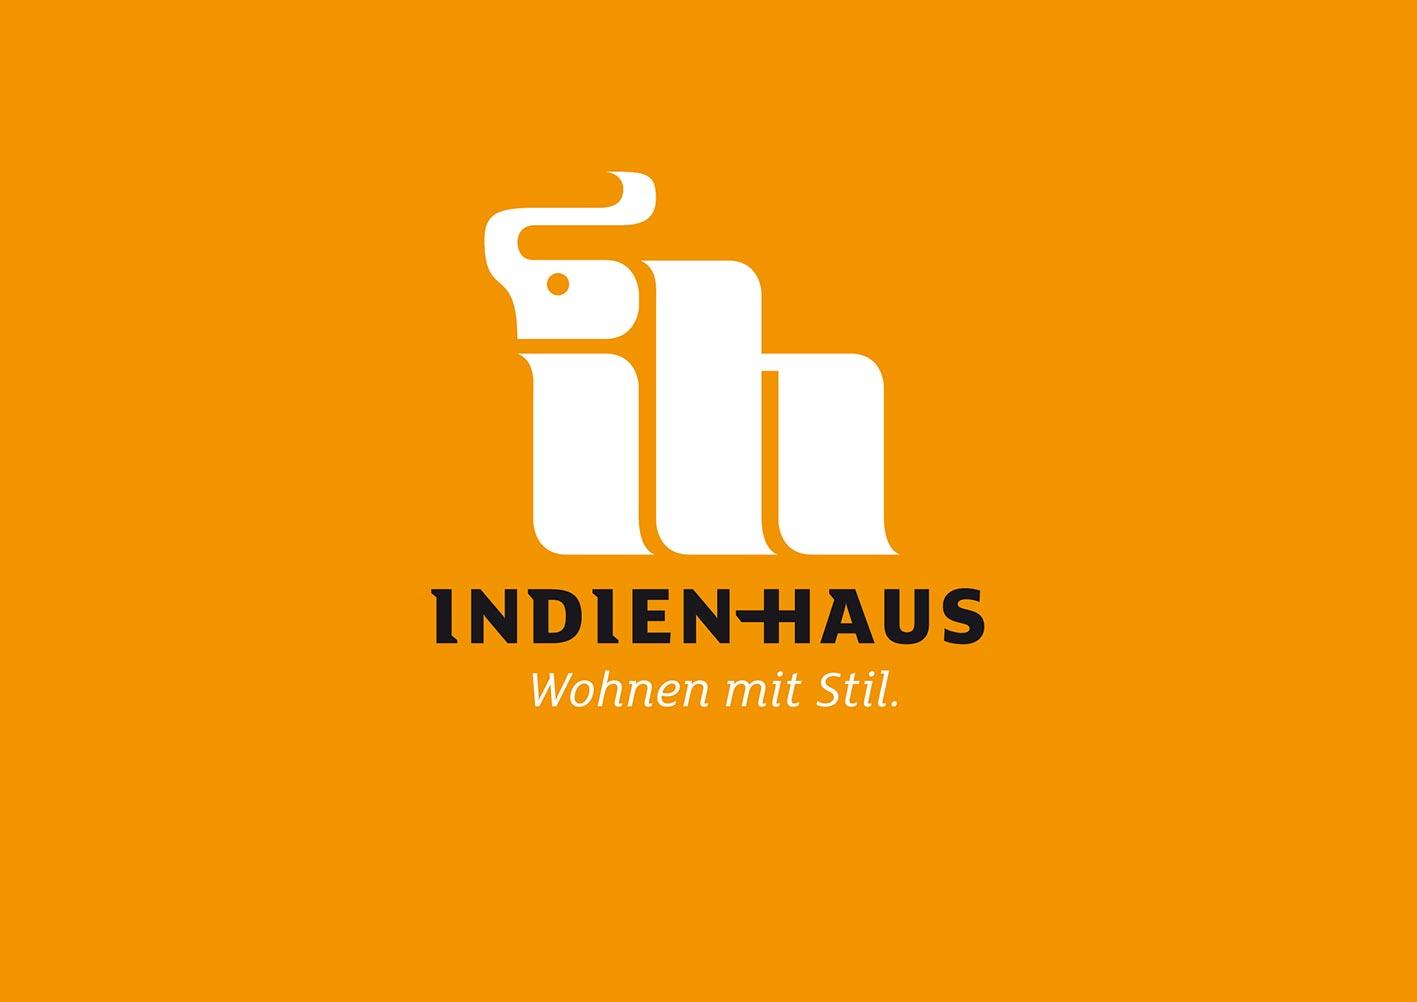 Indien-Haus